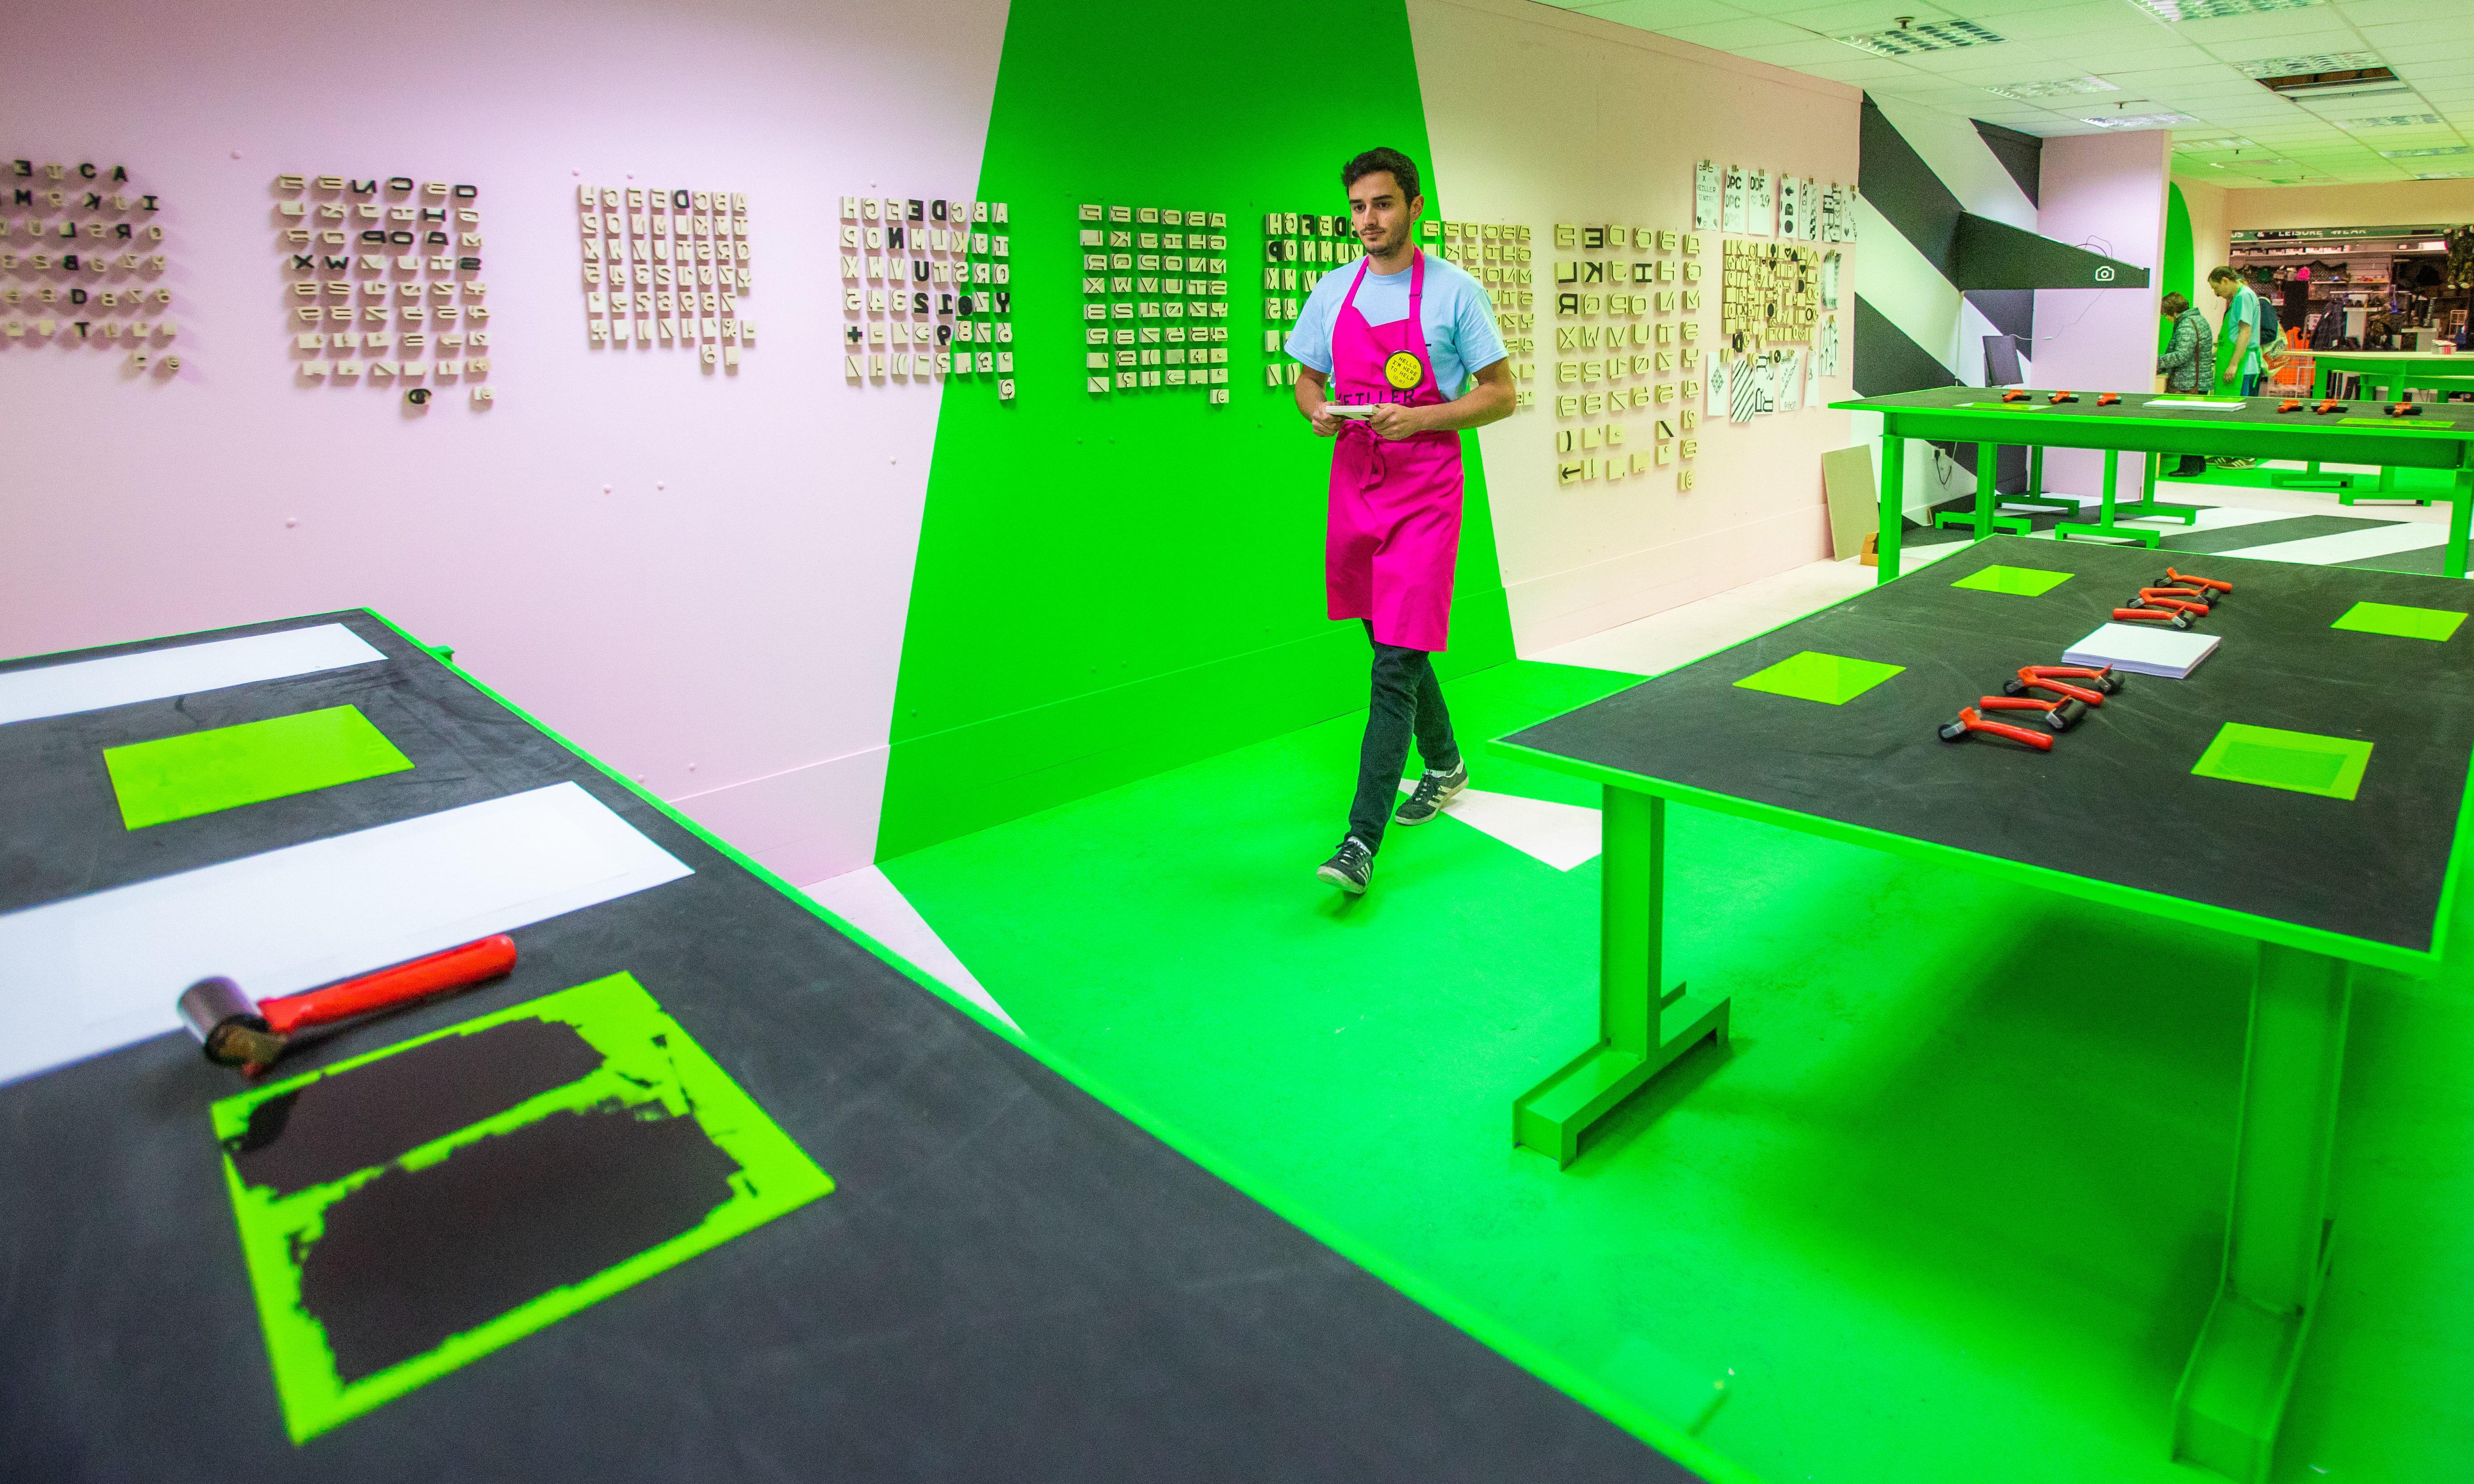 Renato Costa in the 'printing blocks' unit of the Keiller Centre.